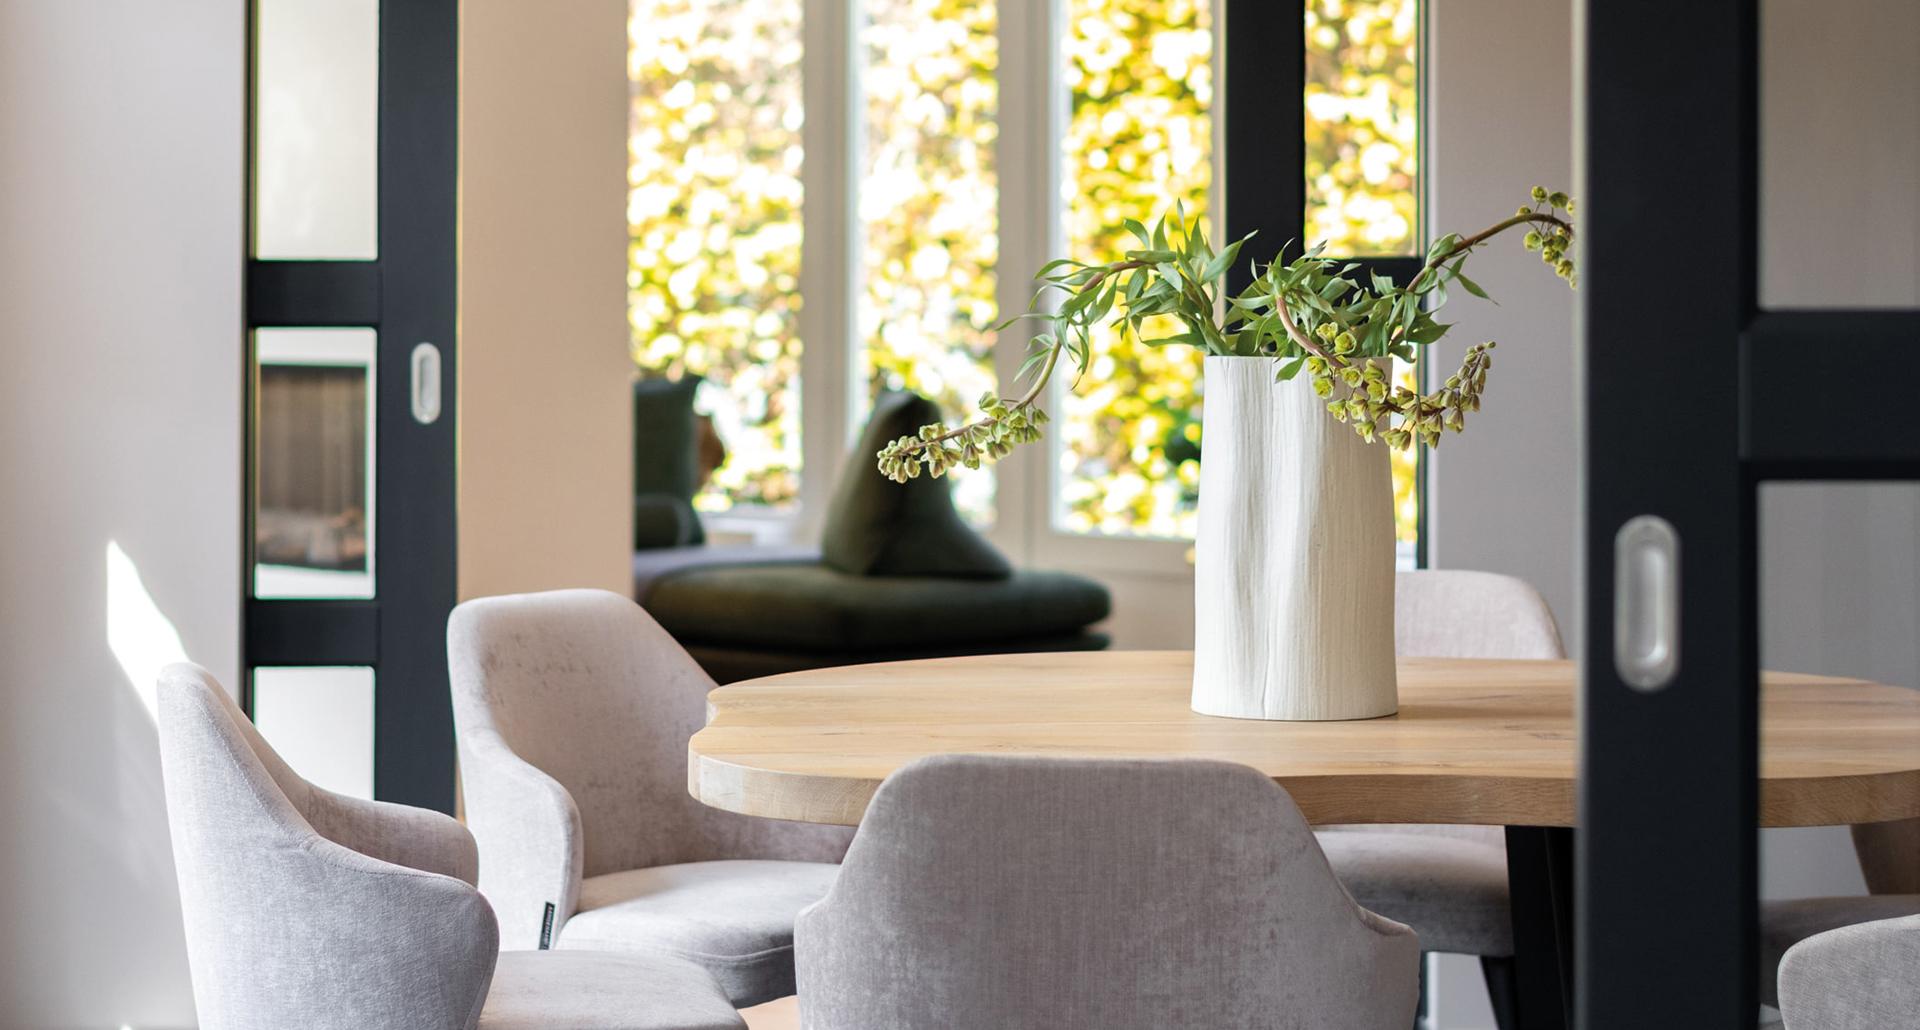 interieurarchitect_mira_ontwerp_interieur_ eettafel_leestafel_aangenaamxl_vianen_eikenhout_meubelsopmaat_maatwerkmeubels_doorkijk